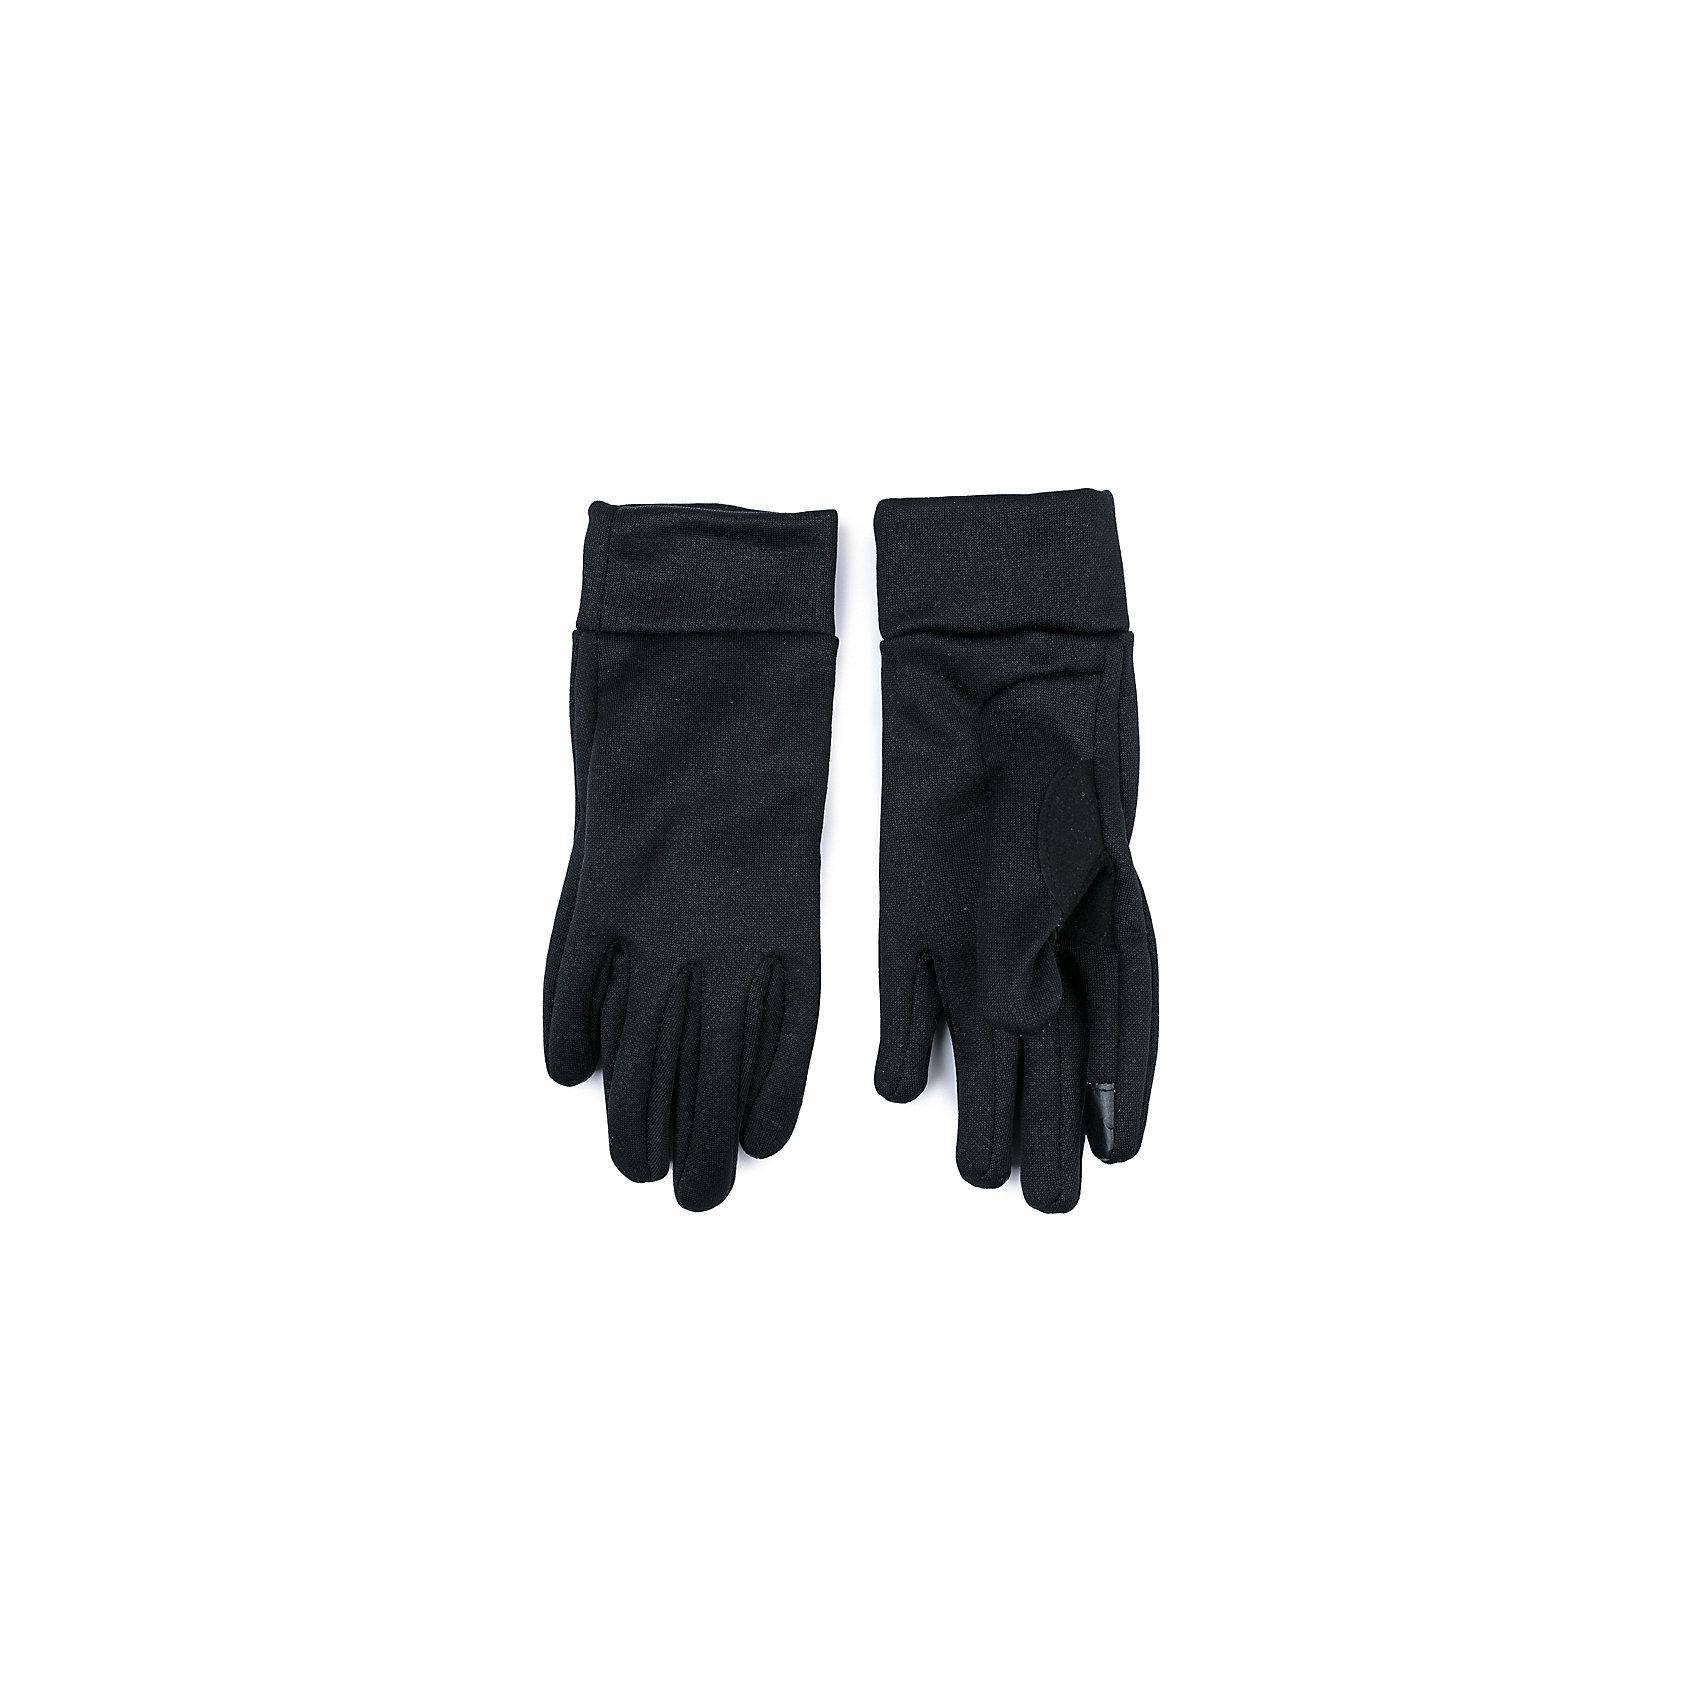 Перчатки Scool для девочкиВерхняя одежда<br>Перчатки Scool для девочки<br>Smart Gloves. Перчатки для сенсорных экранов! Перчатки из флиса станут идеальным вариантом для прохладной погоды. На большом и указательном пальцах специальные вставки, которые позволяют пользоваться телефоном, не снимая перчаток с рук.<br>Состав:<br>100% полиэстер<br><br>Ширина мм: 162<br>Глубина мм: 171<br>Высота мм: 55<br>Вес г: 119<br>Цвет: черный<br>Возраст от месяцев: 132<br>Возраст до месяцев: 156<br>Пол: Женский<br>Возраст: Детский<br>Размер: 7,5,6<br>SKU: 7105471